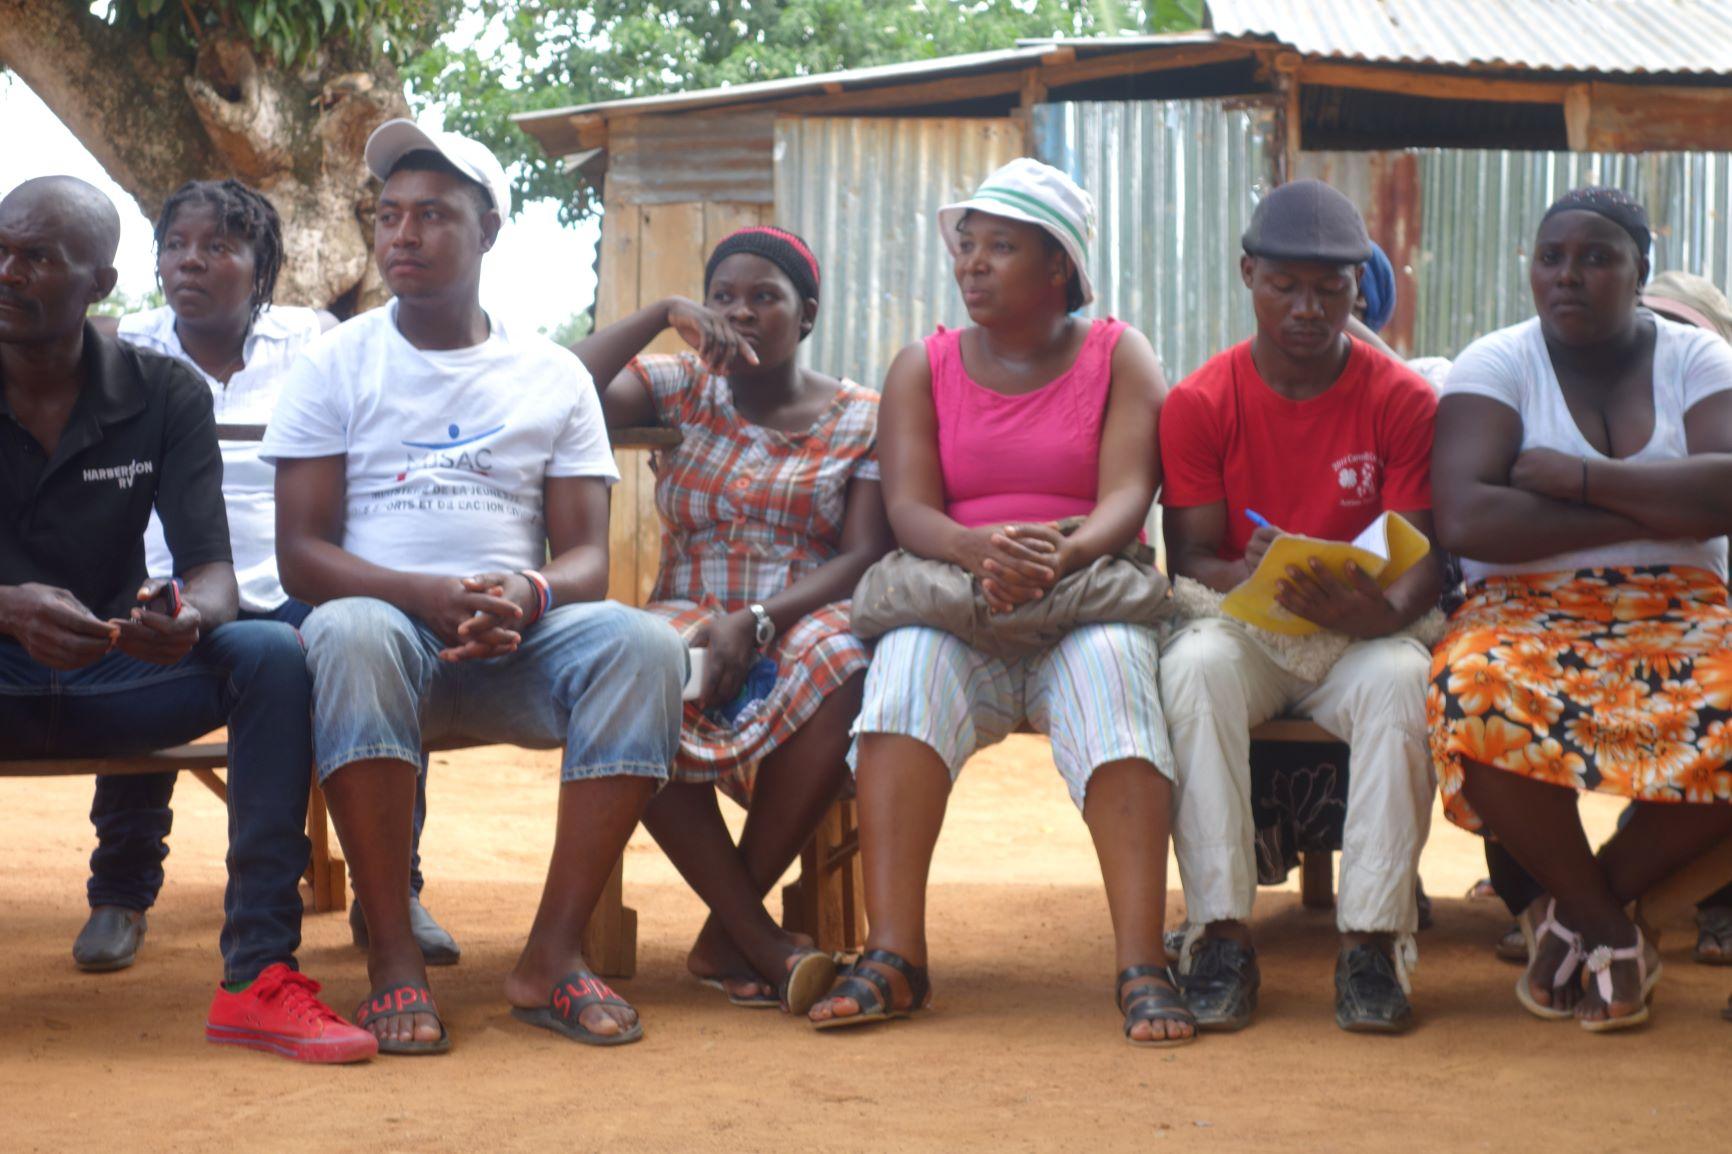 OPODNE Leaders Fight For Change